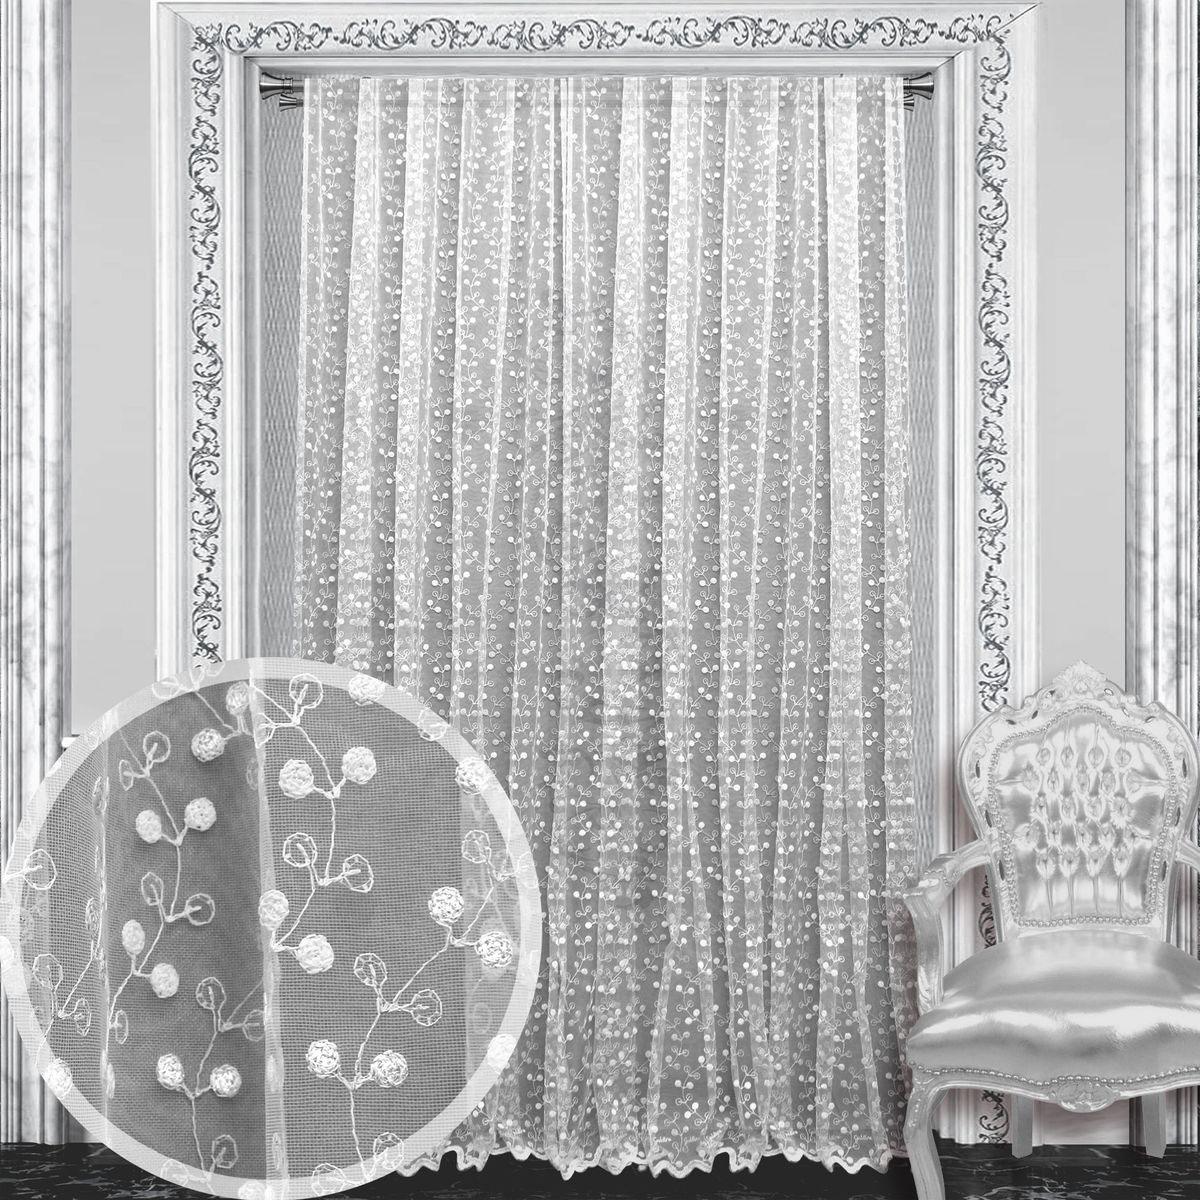 Тюль Amore Mio, на ленте, цвет: белый, высота 270 см. 8611286115Тюль Amore Mio изготовлен из 100% полиэстера. Воздушная ткань привлечет к себе внимание и идеально оформит интерьер любого помещения. Полиэстер - вид ткани, состоящий из полиэфирных волокон. Ткани из полиэстера легкие, прочные и износостойкие. Такие изделия не требуют специального ухода, не пылятся и почти не мнутся.Крепление к карнизу осуществляется при помощи вшитой шторной ленты.